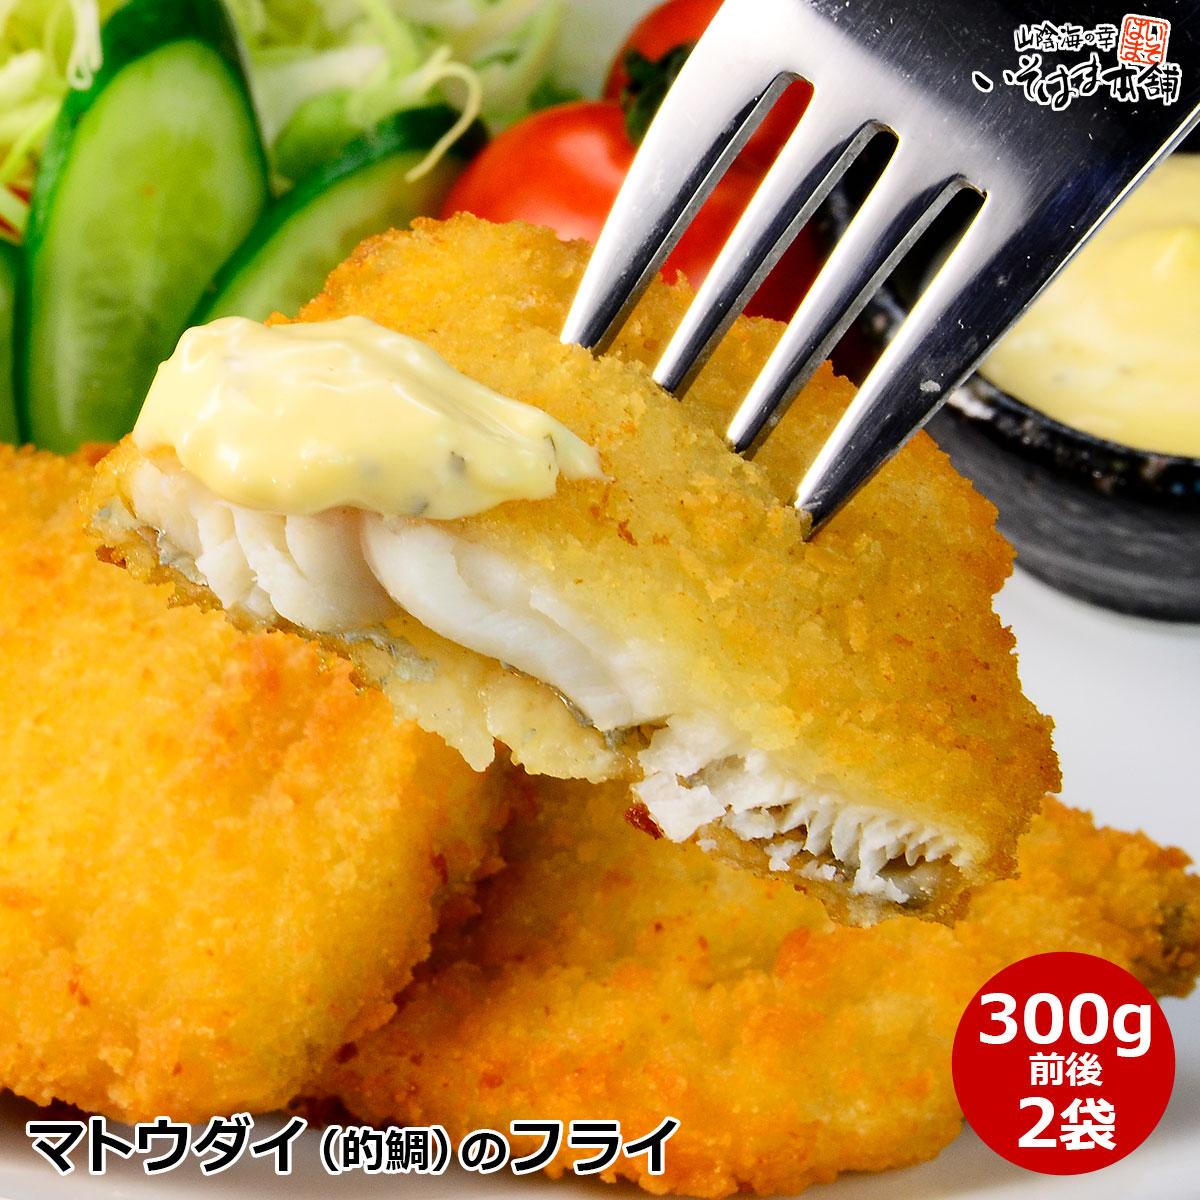 お取り寄せグルメ欧州では「サンピエールの魚」と呼ばれ尊ばれている高級魚。欧米でバター焼き等で食される味を日本風にフライに!300g前後×2袋(12切前後) 冷凍 食品 送料無料 島根県浜田産 まとう鯛 使用的鯛 サクサク揚げ 加熱用高級魚マトウダイの 白身フライ です。島根では バトウ( ばとう )と呼びます。高級魚 白身 魚フライ